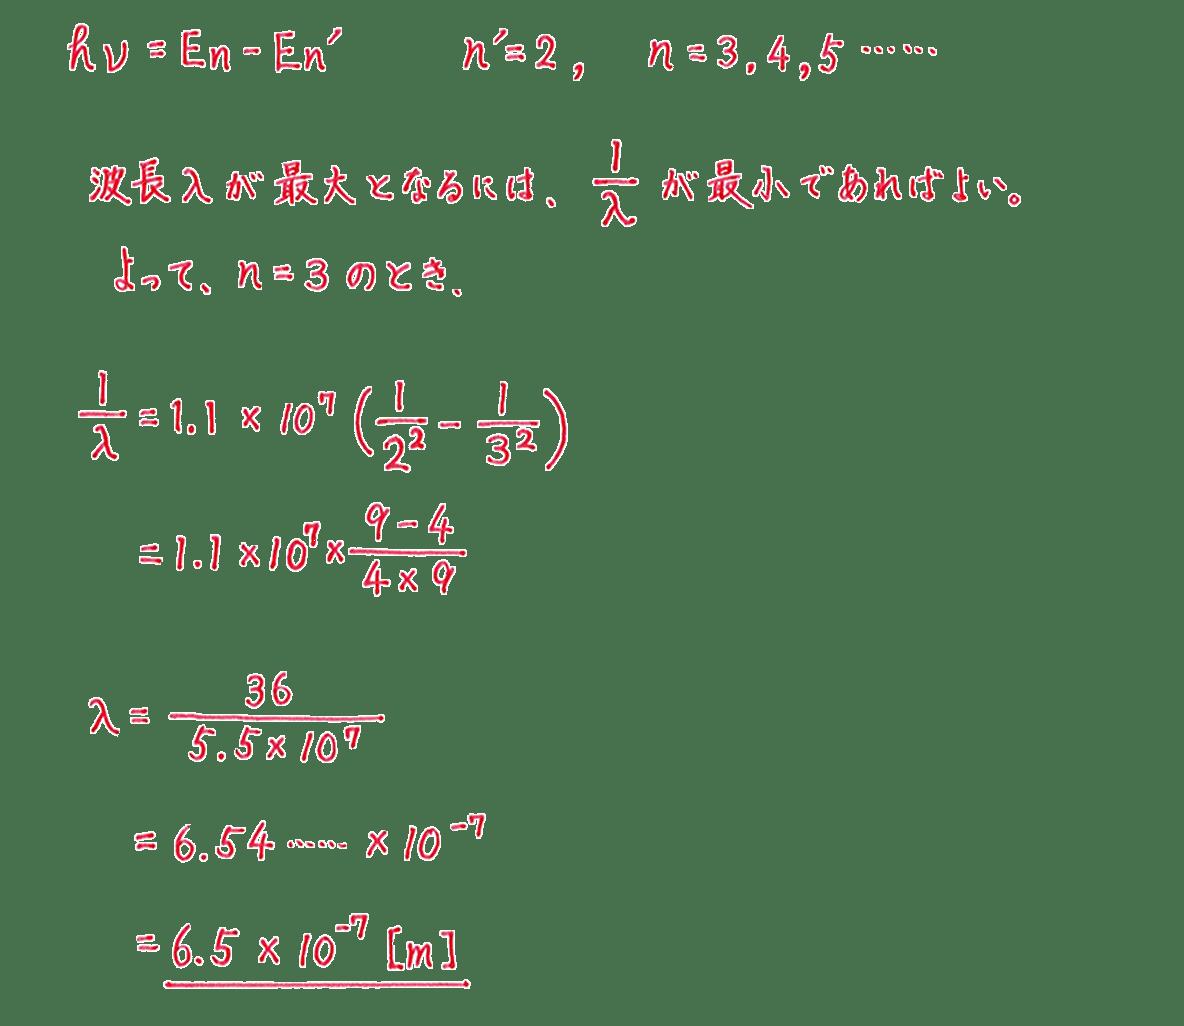 高校物理 原子9 練習 解答全て